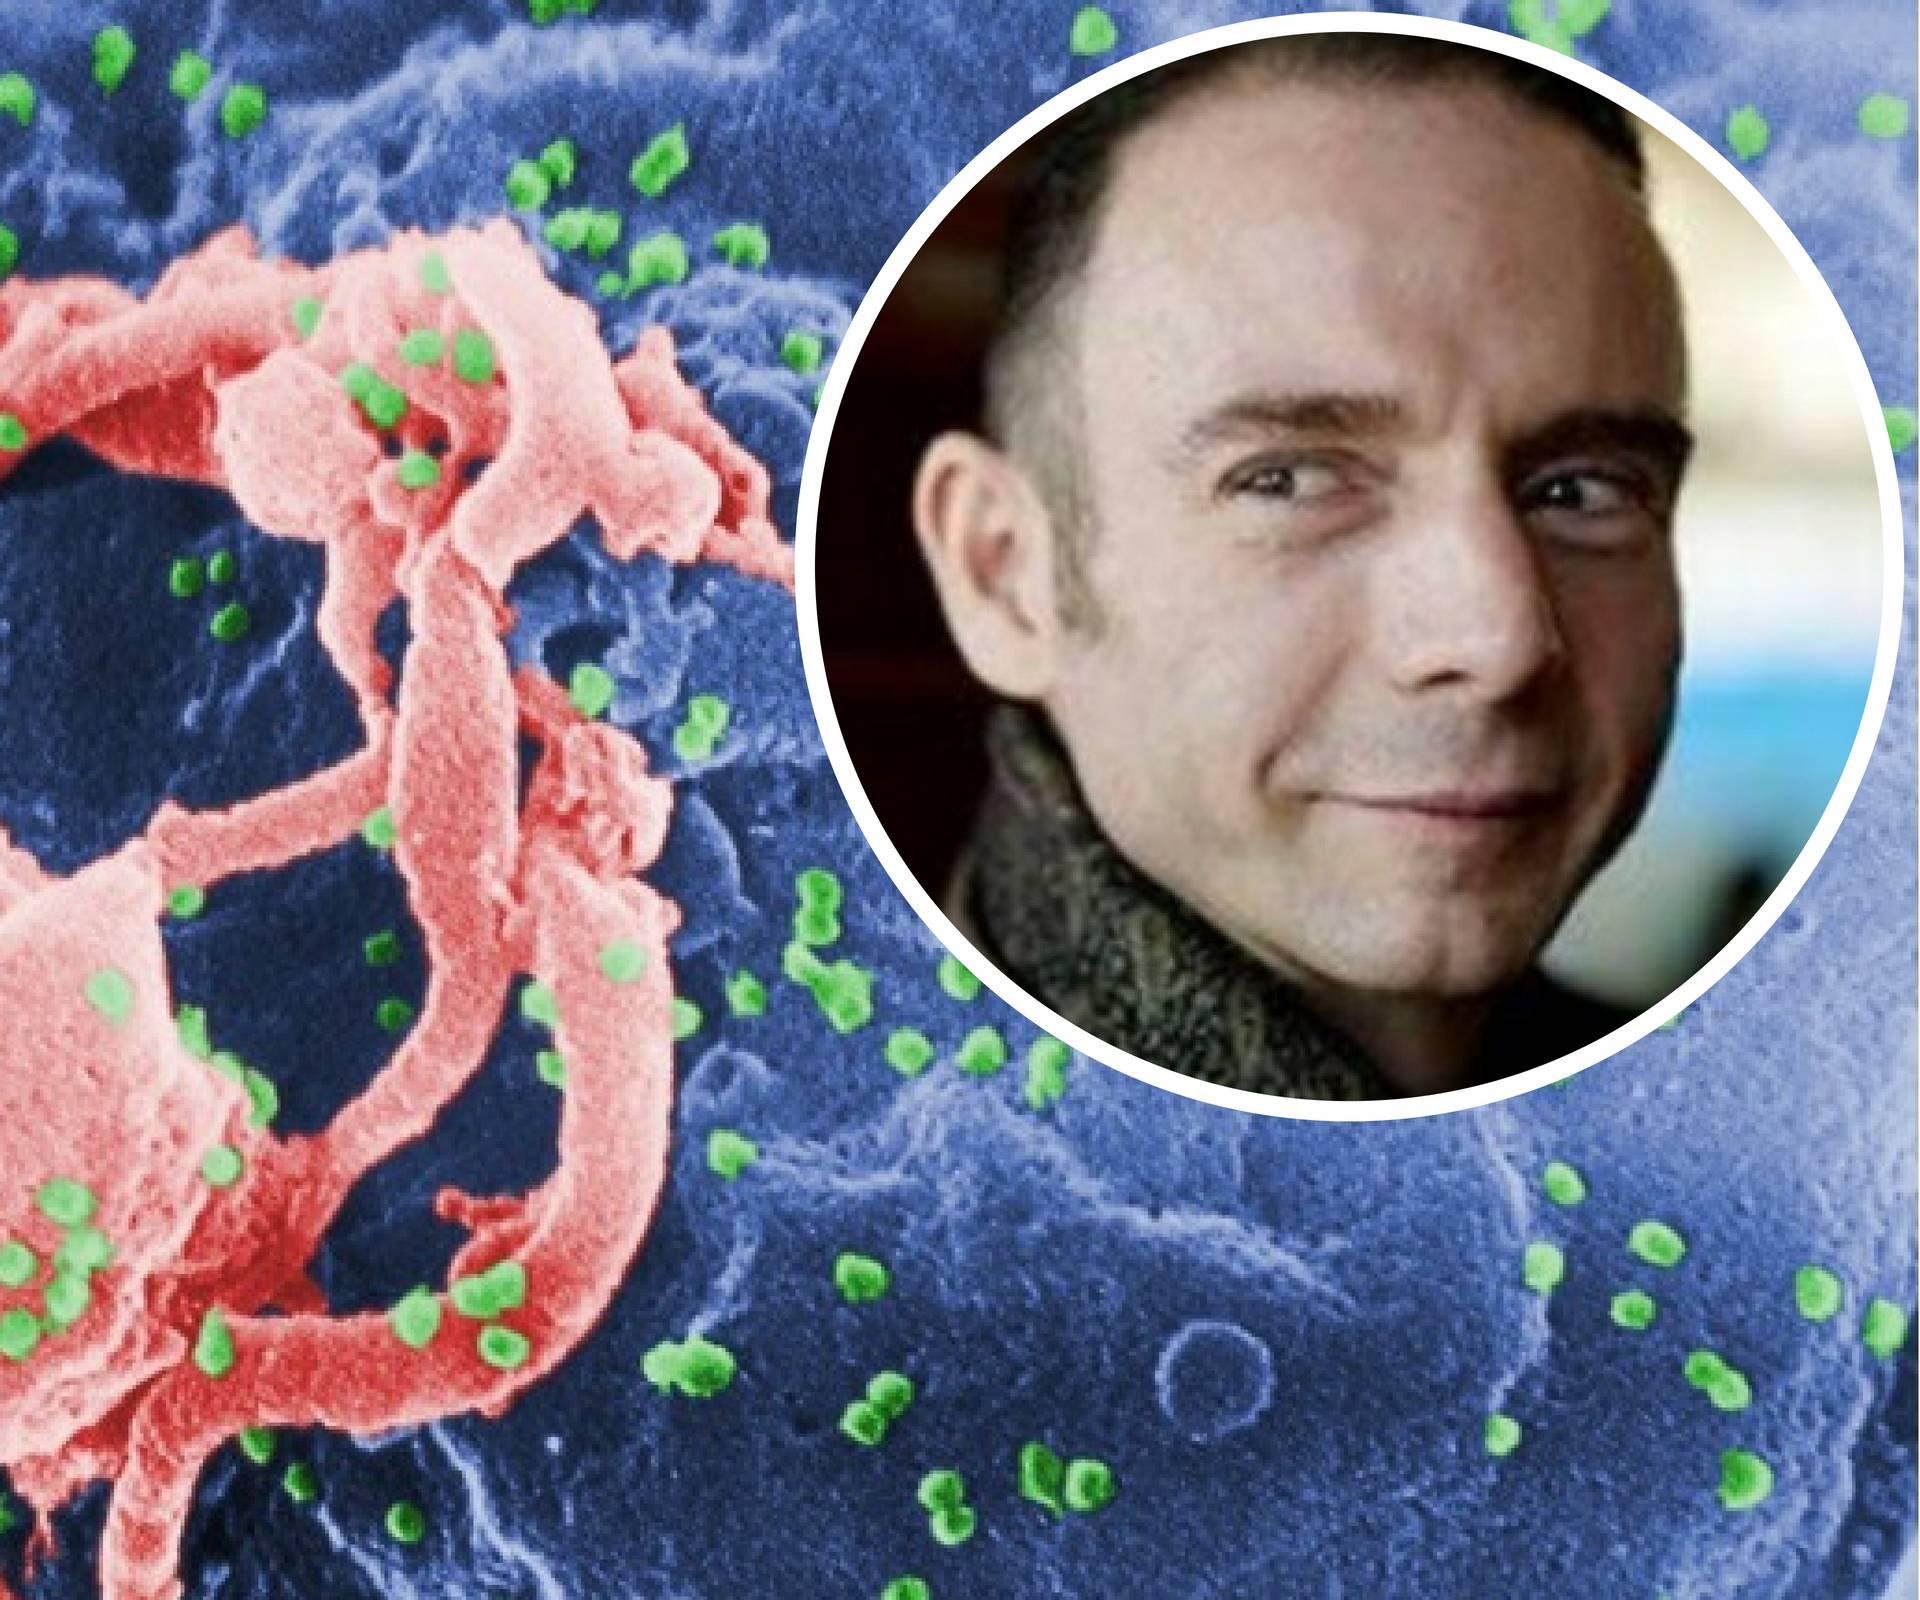 Lijek za HIV: Uspjeh prve faze imunoterapije vodi prema lijeku